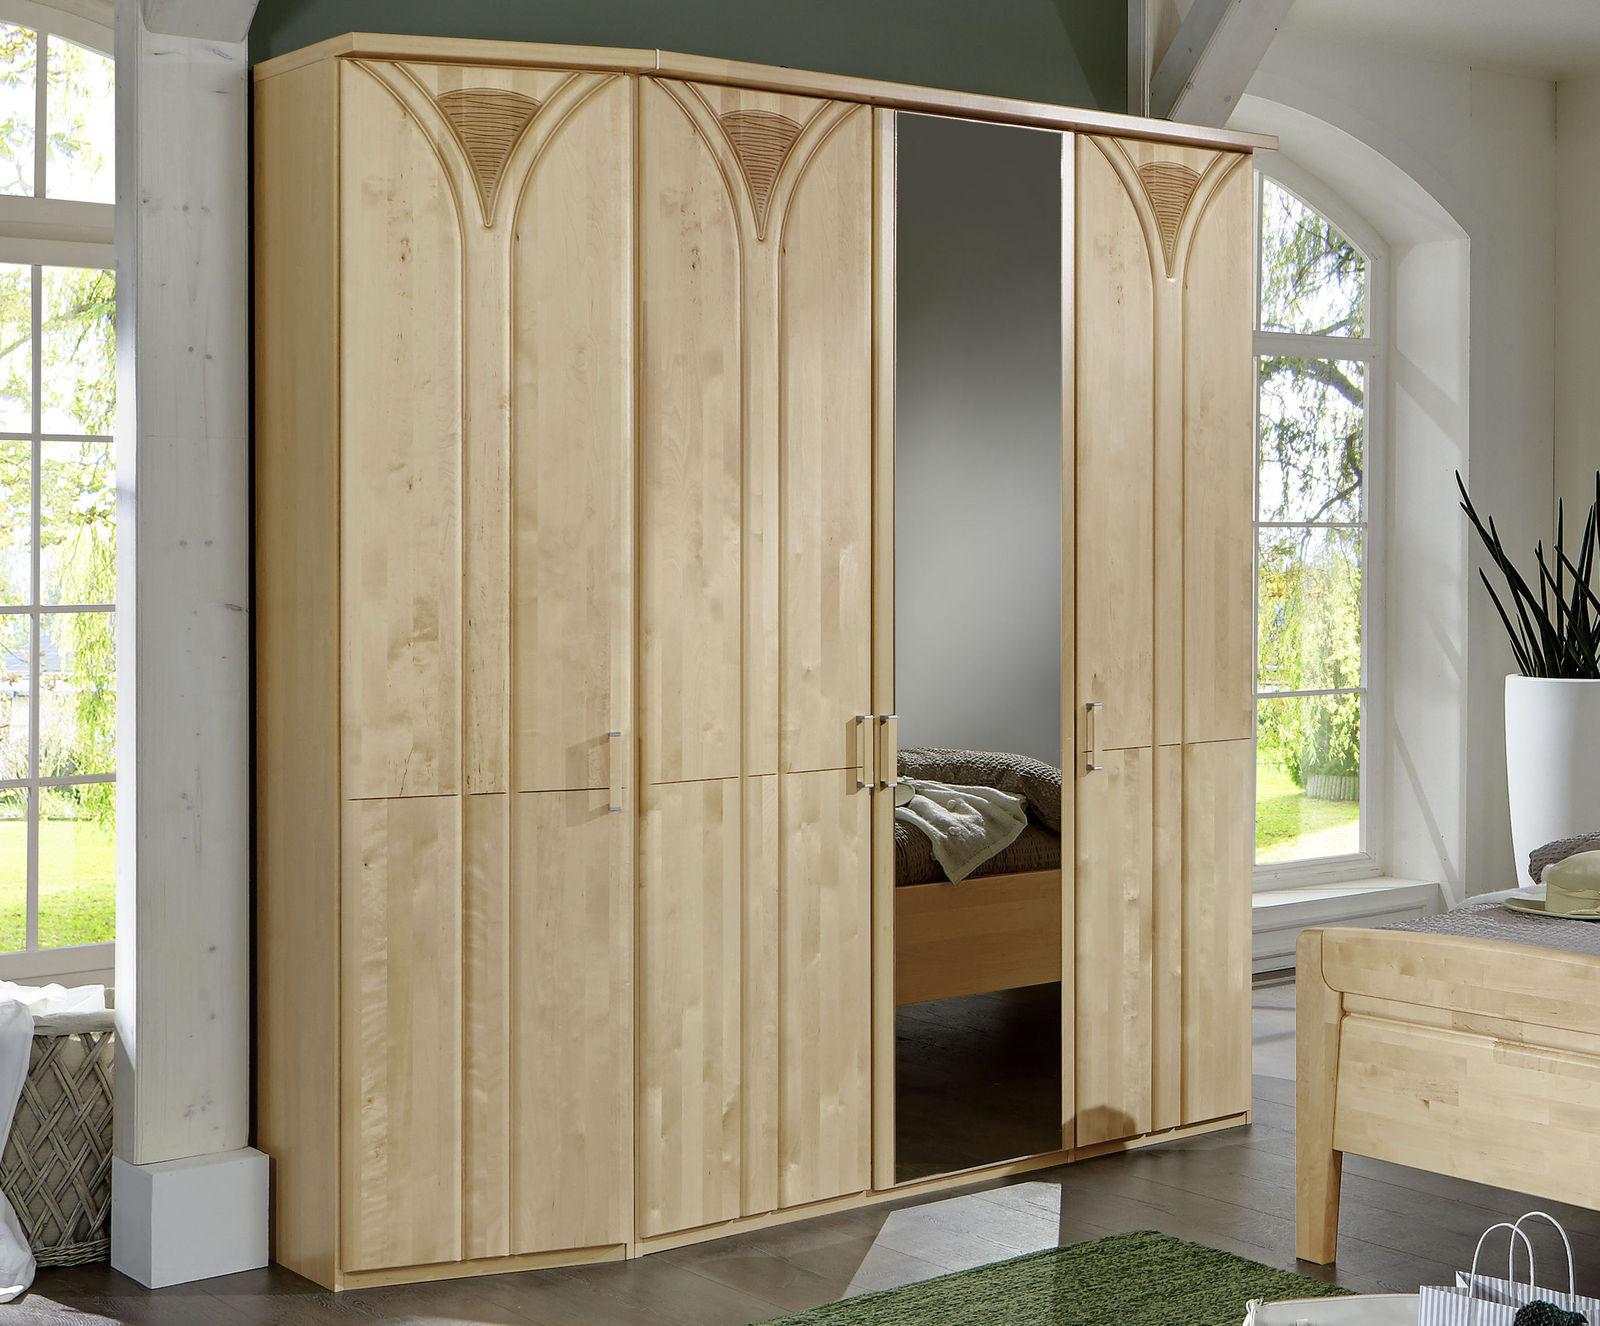 kleiderschrank aus birke mit spiegeln und zierfr sungen karia. Black Bedroom Furniture Sets. Home Design Ideas